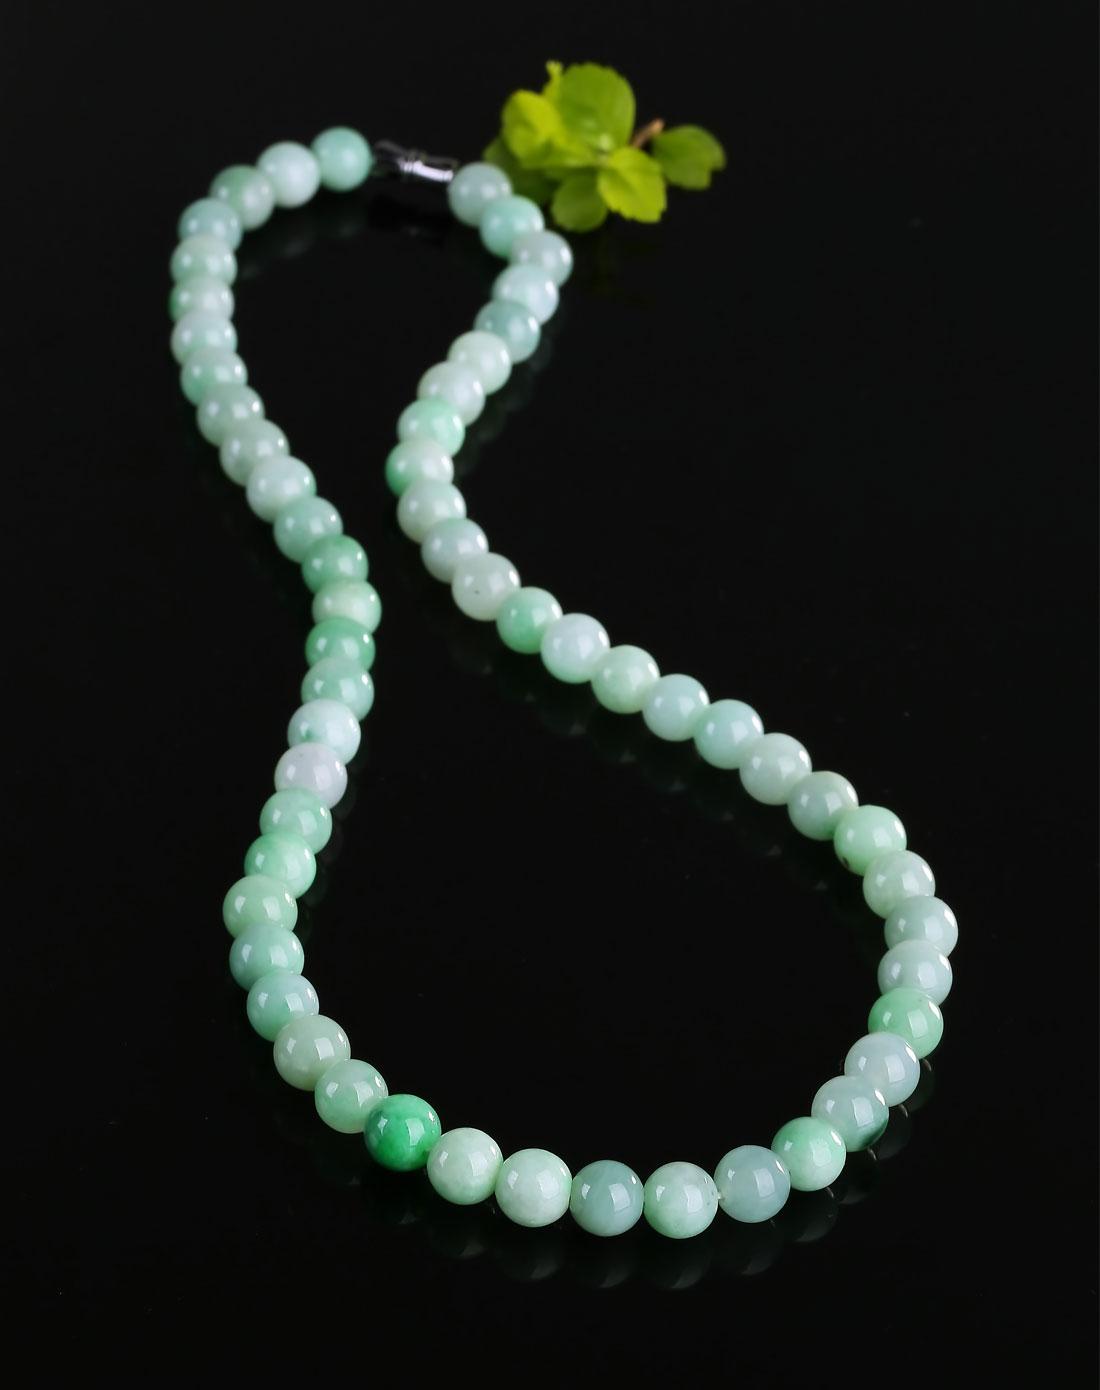 精选豆绿色翡翠珠子编制项链